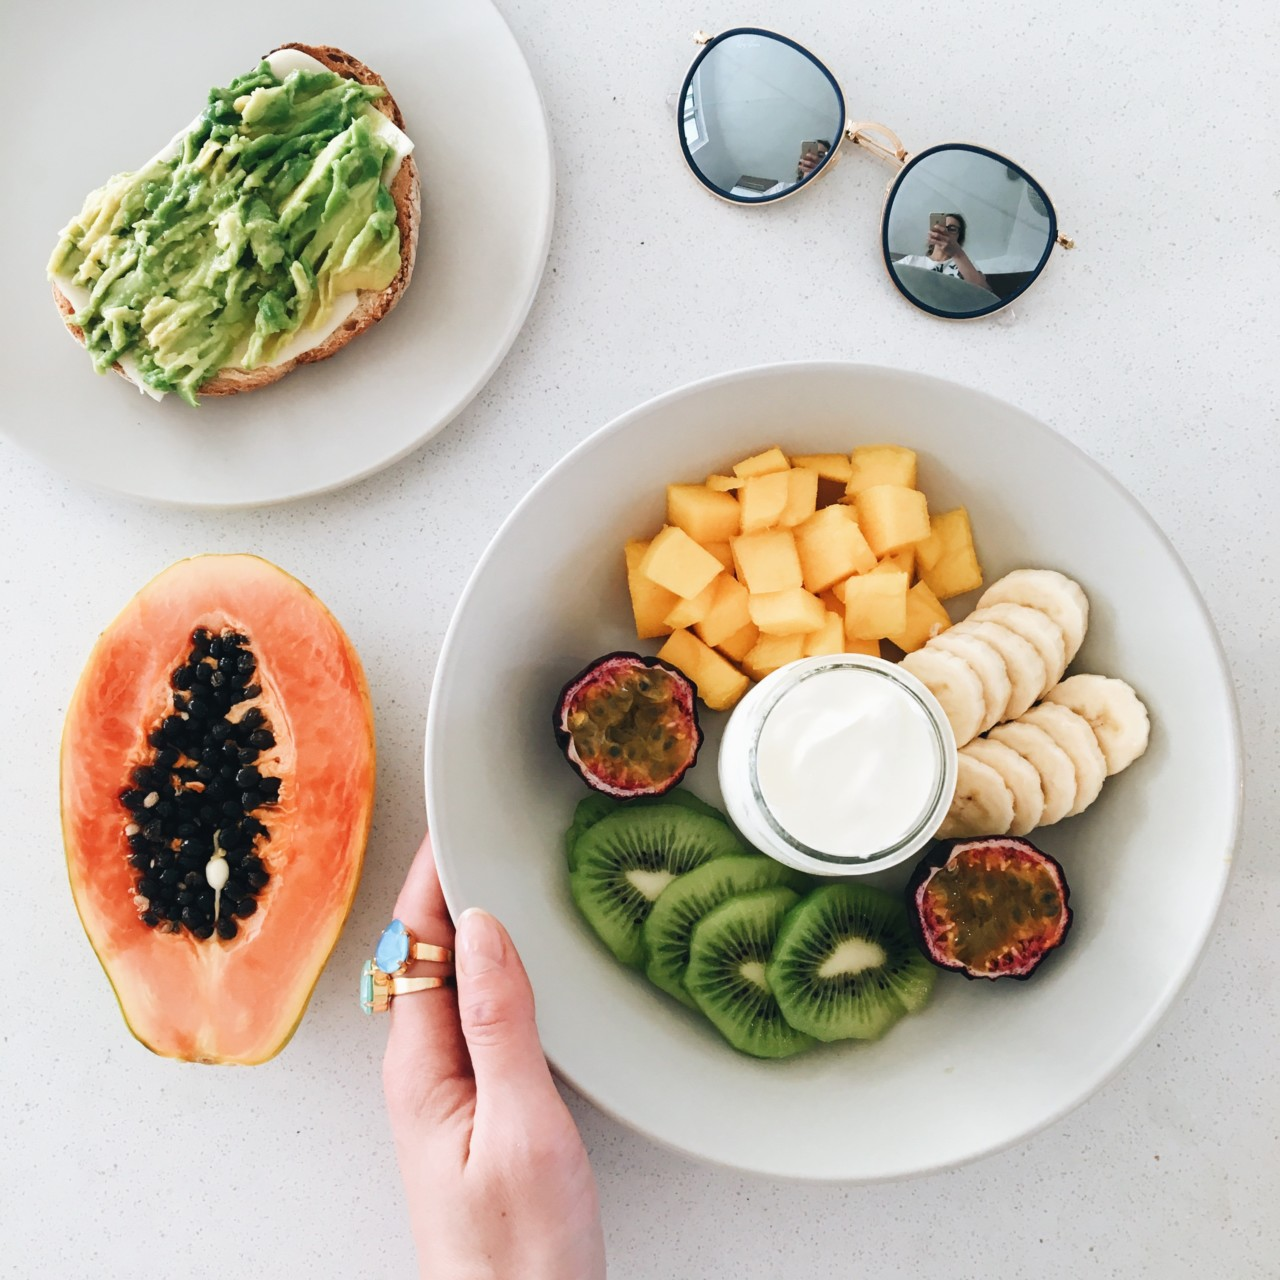 hur äter man hälsosamt